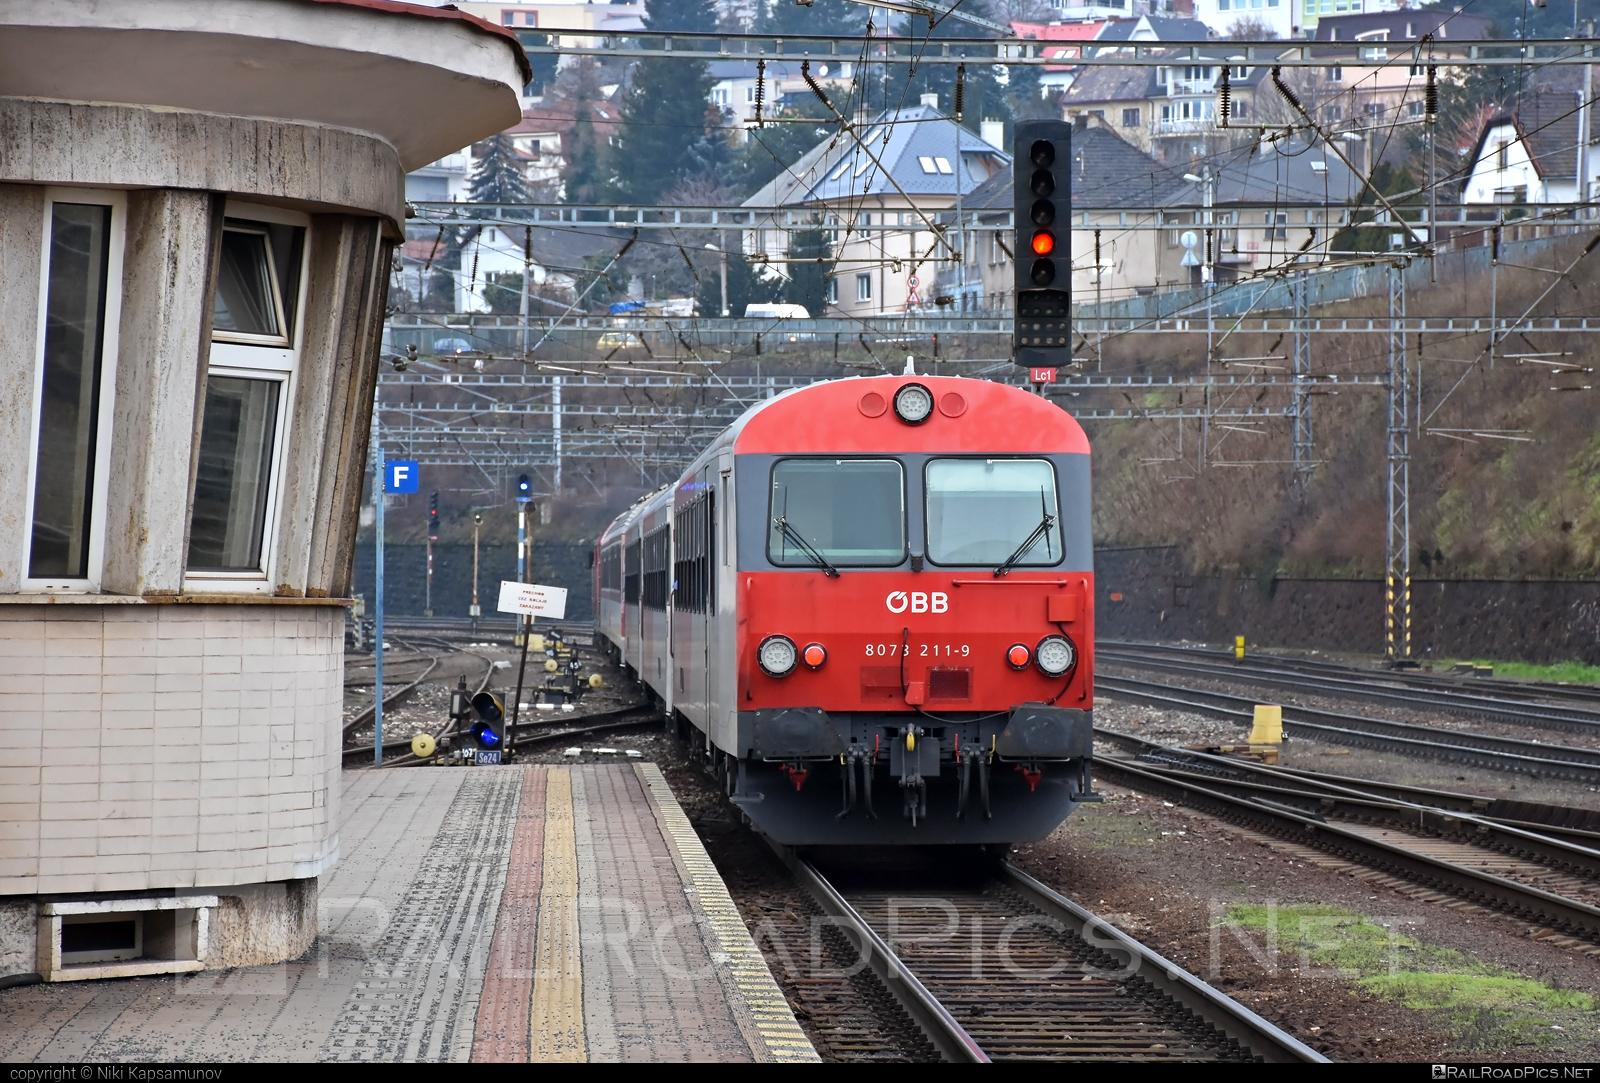 Class B - Bmpz-s - ÖBB CityShuttle control car - 80-73 211-9 operated by Österreichische Bundesbahnen #cityshuttle #obb #osterreichischebundesbahnen